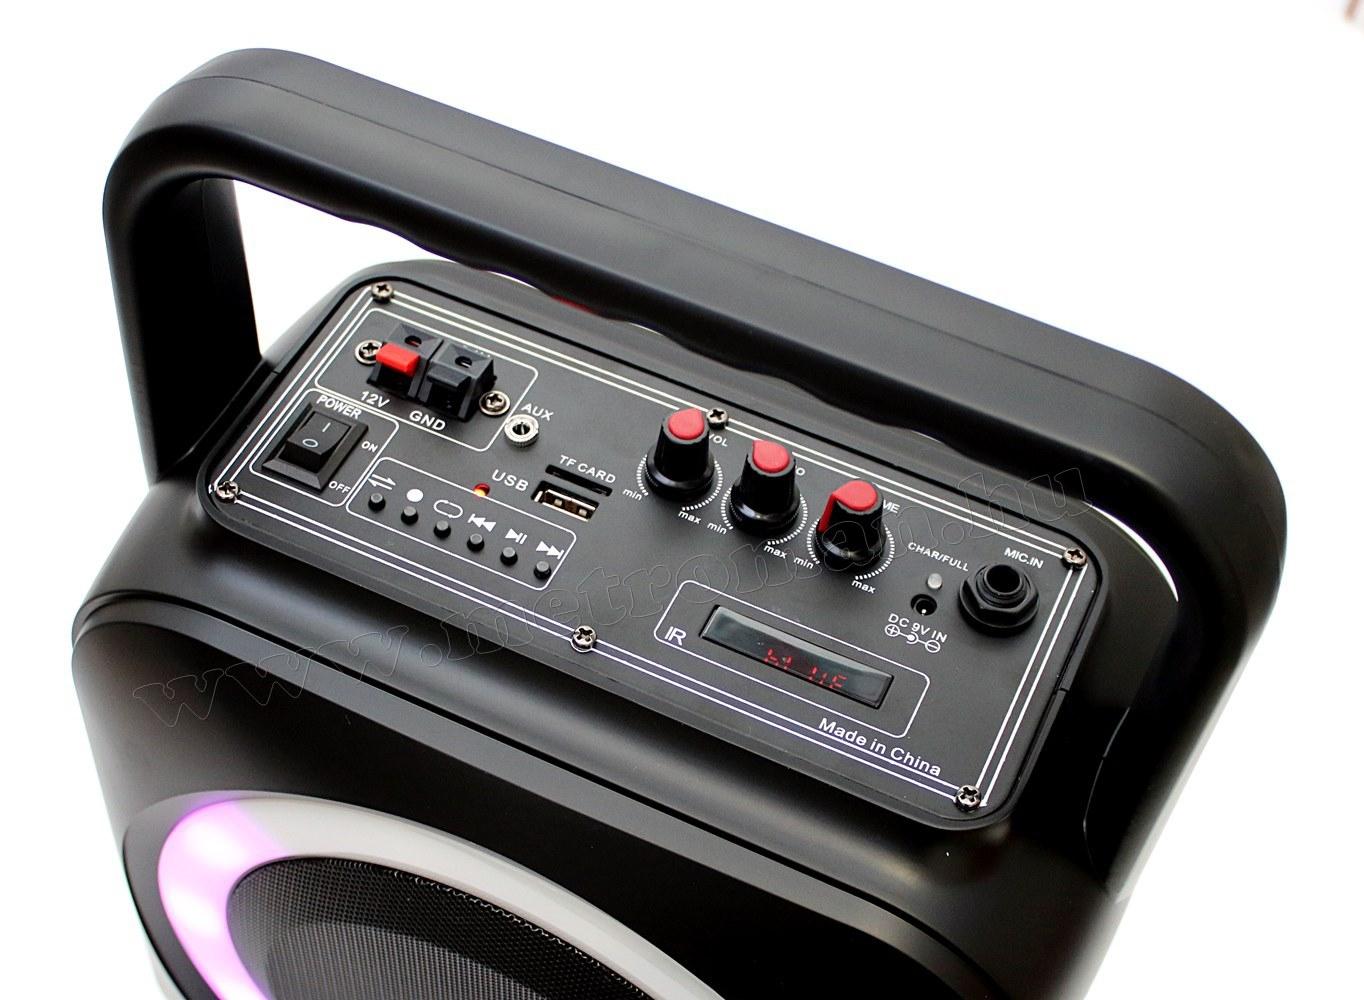 Hordozható Karaoke szett USB/MP3 Bluetooth zenelejátszó, vezeték nélküli mikrofonnal, BT800